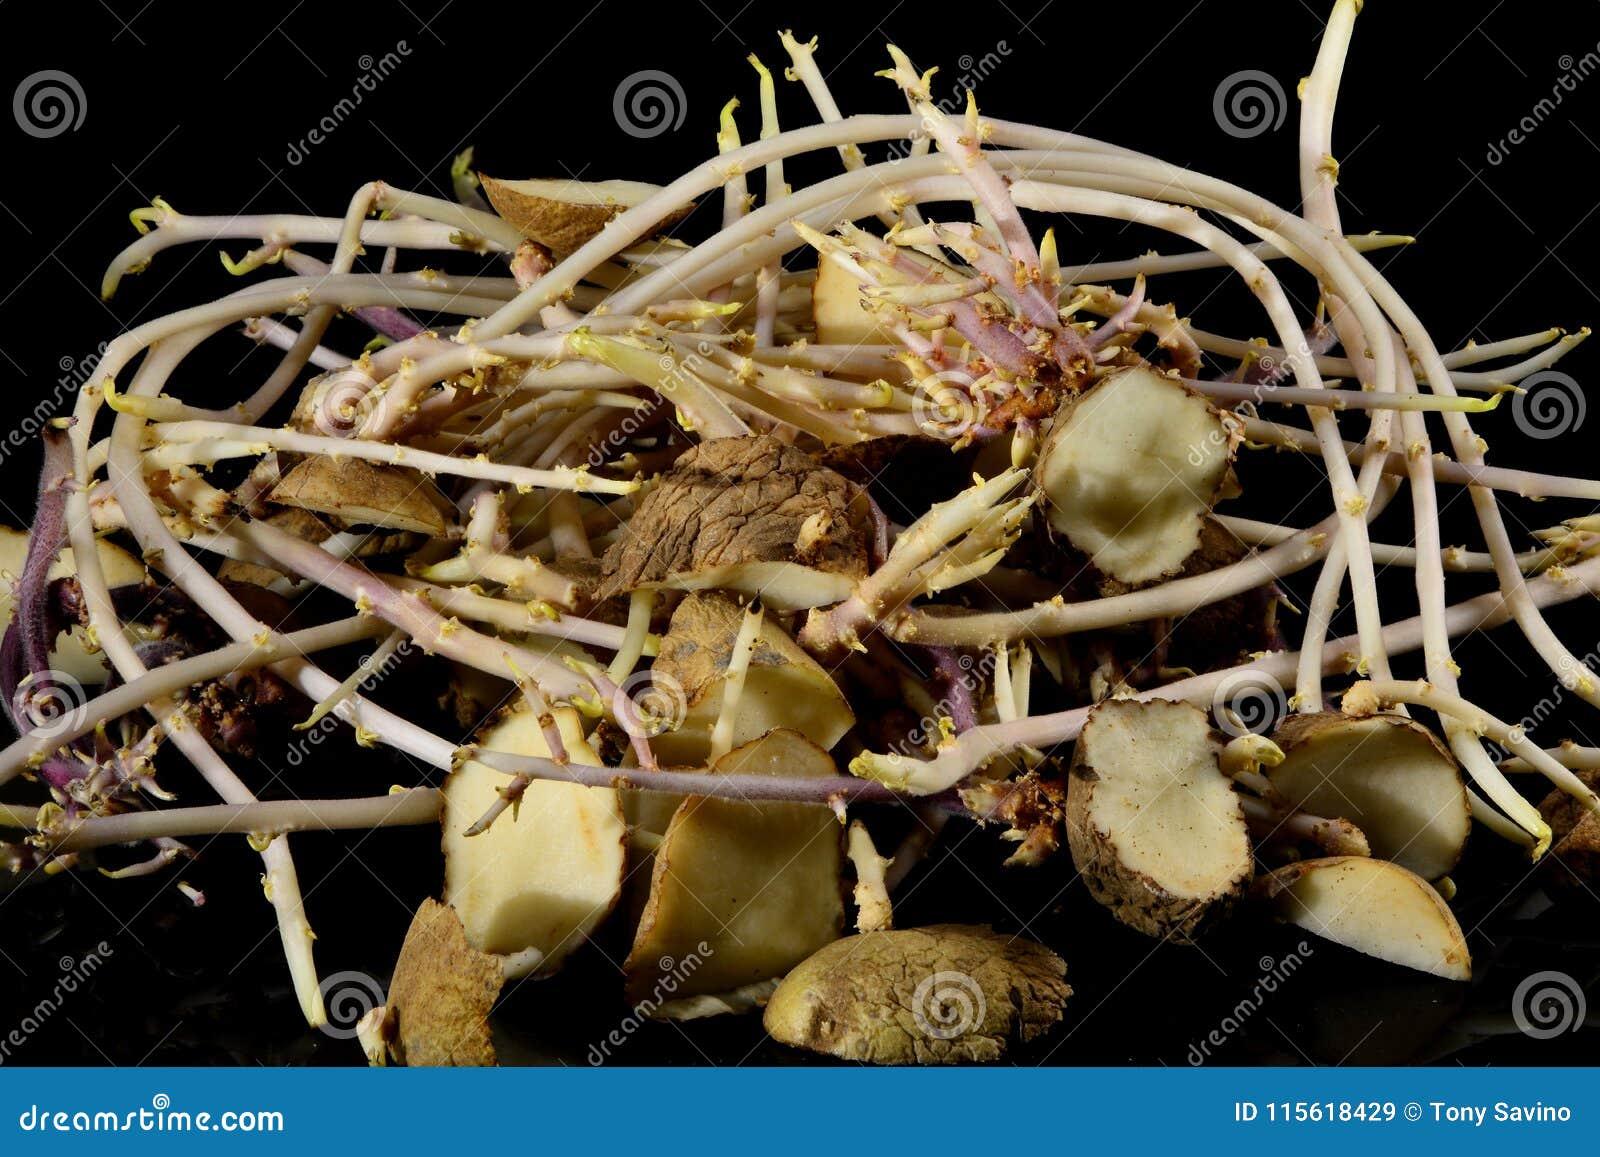 Οι πατάτες που κυβίστηκαν στα τμήματα για τη φύτευση